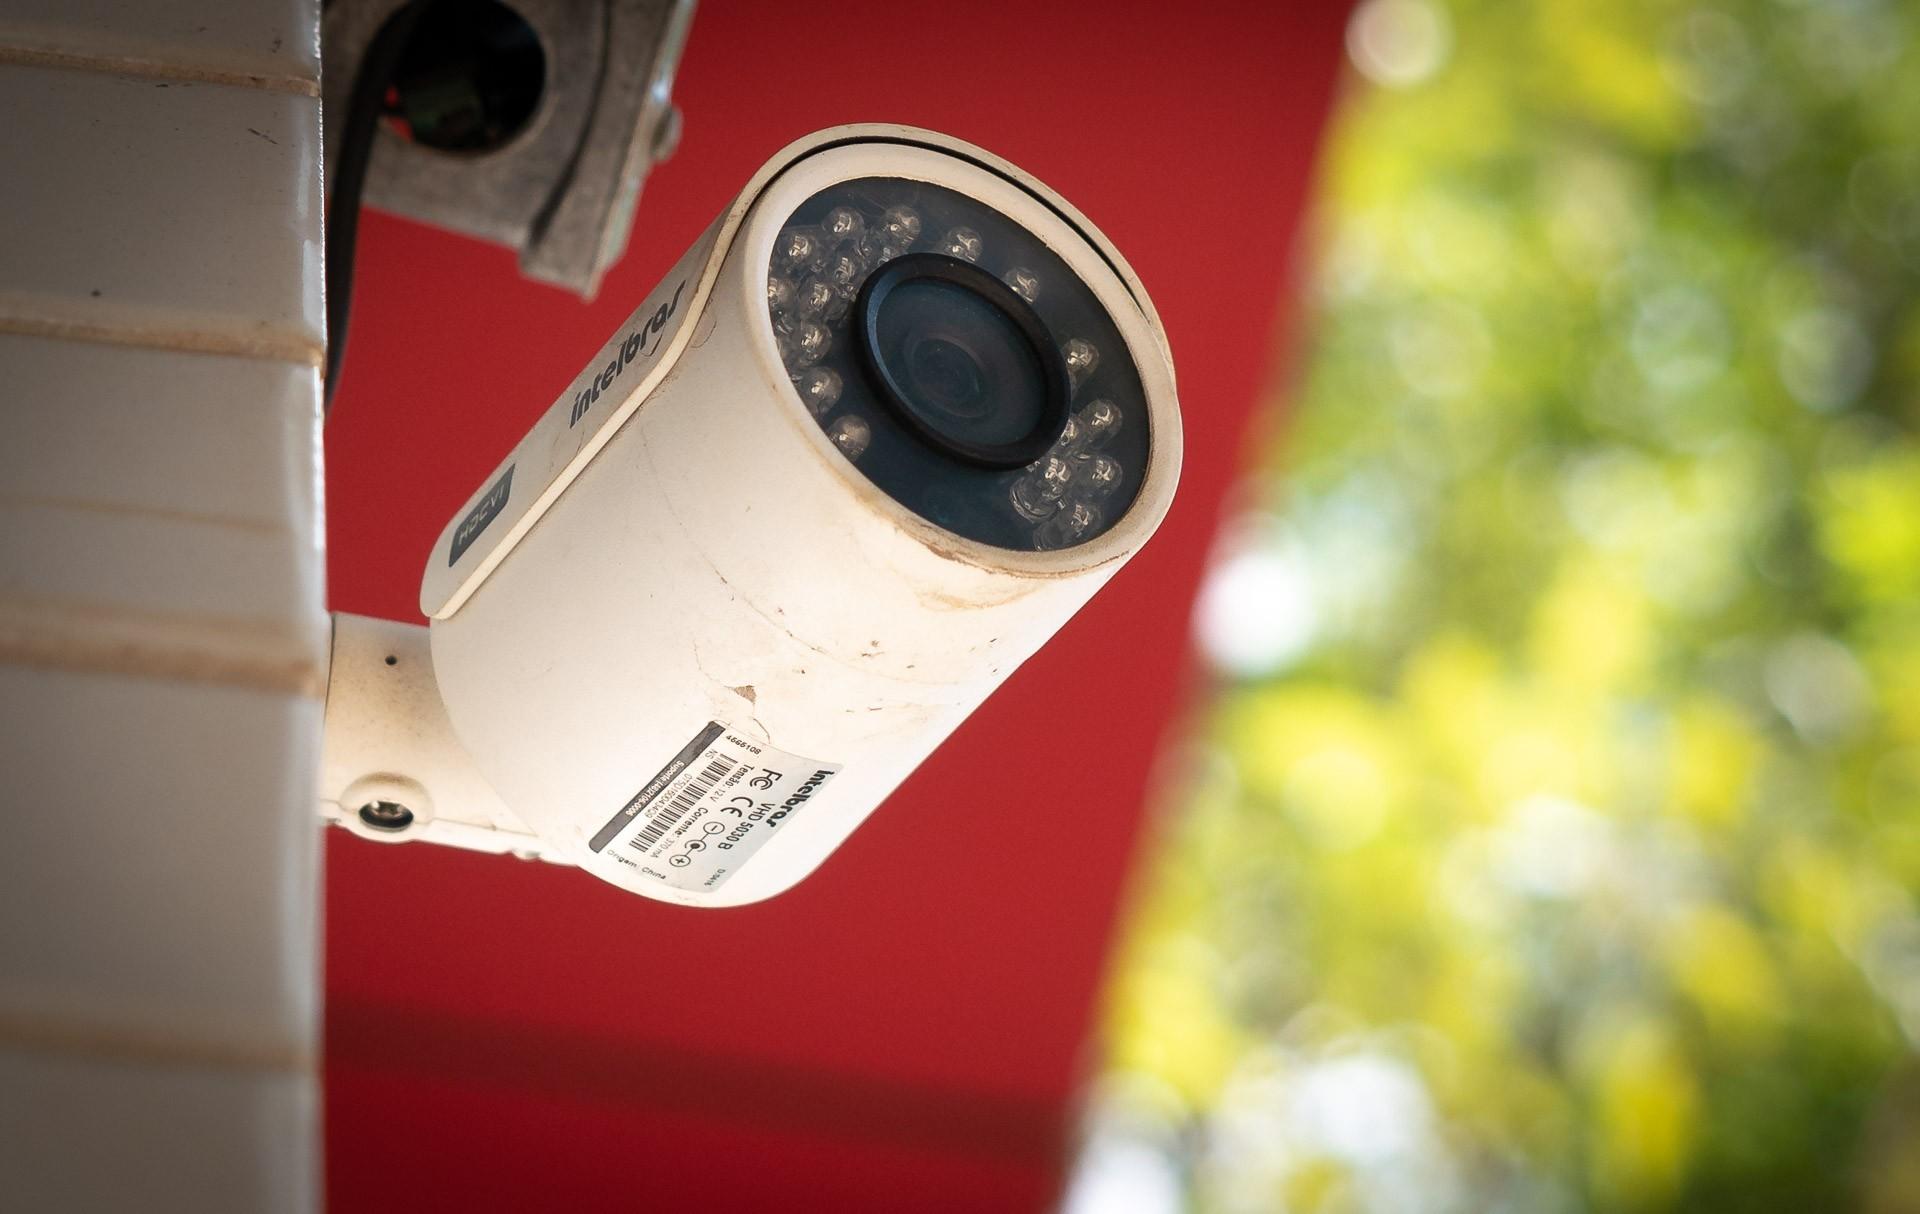 Hackers vendem acesso a imagens capturadas de 50 mil câmeras expostas na web, diz site